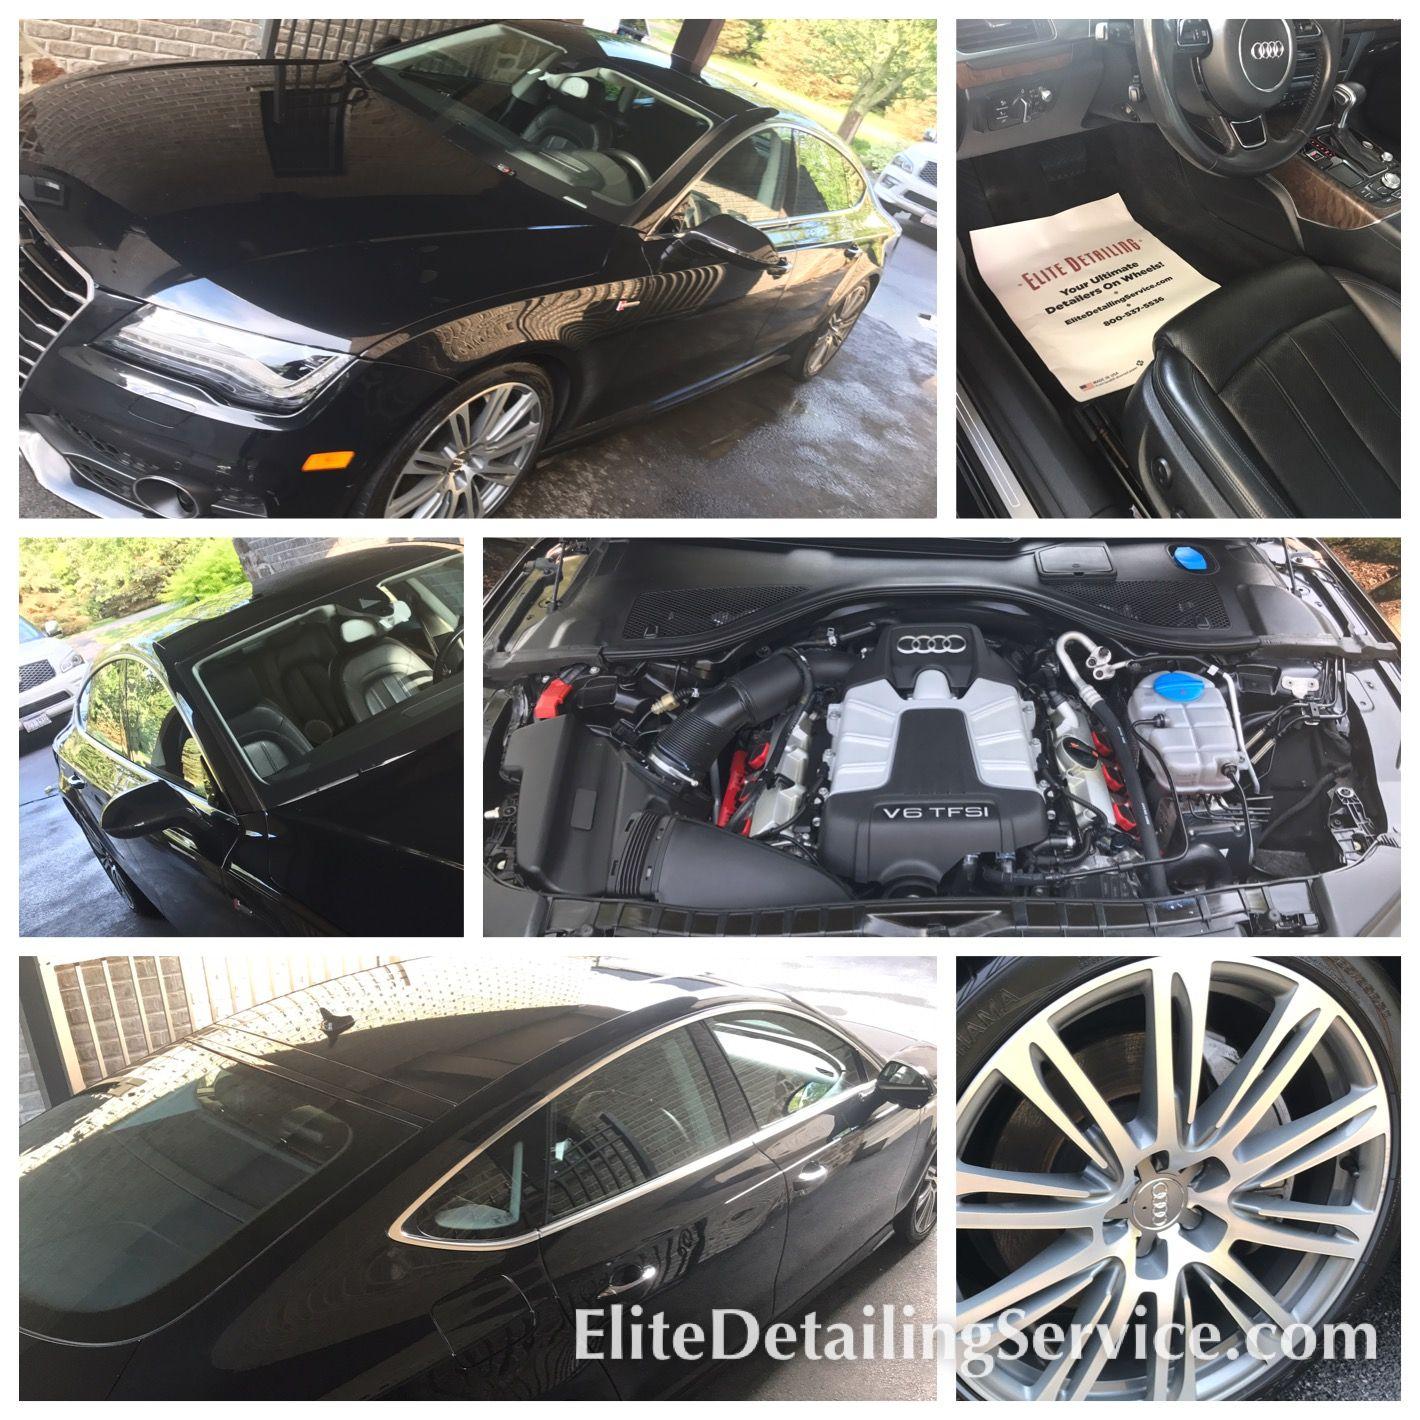 Auto Detailing image by Elite Detailing Service Inc Car